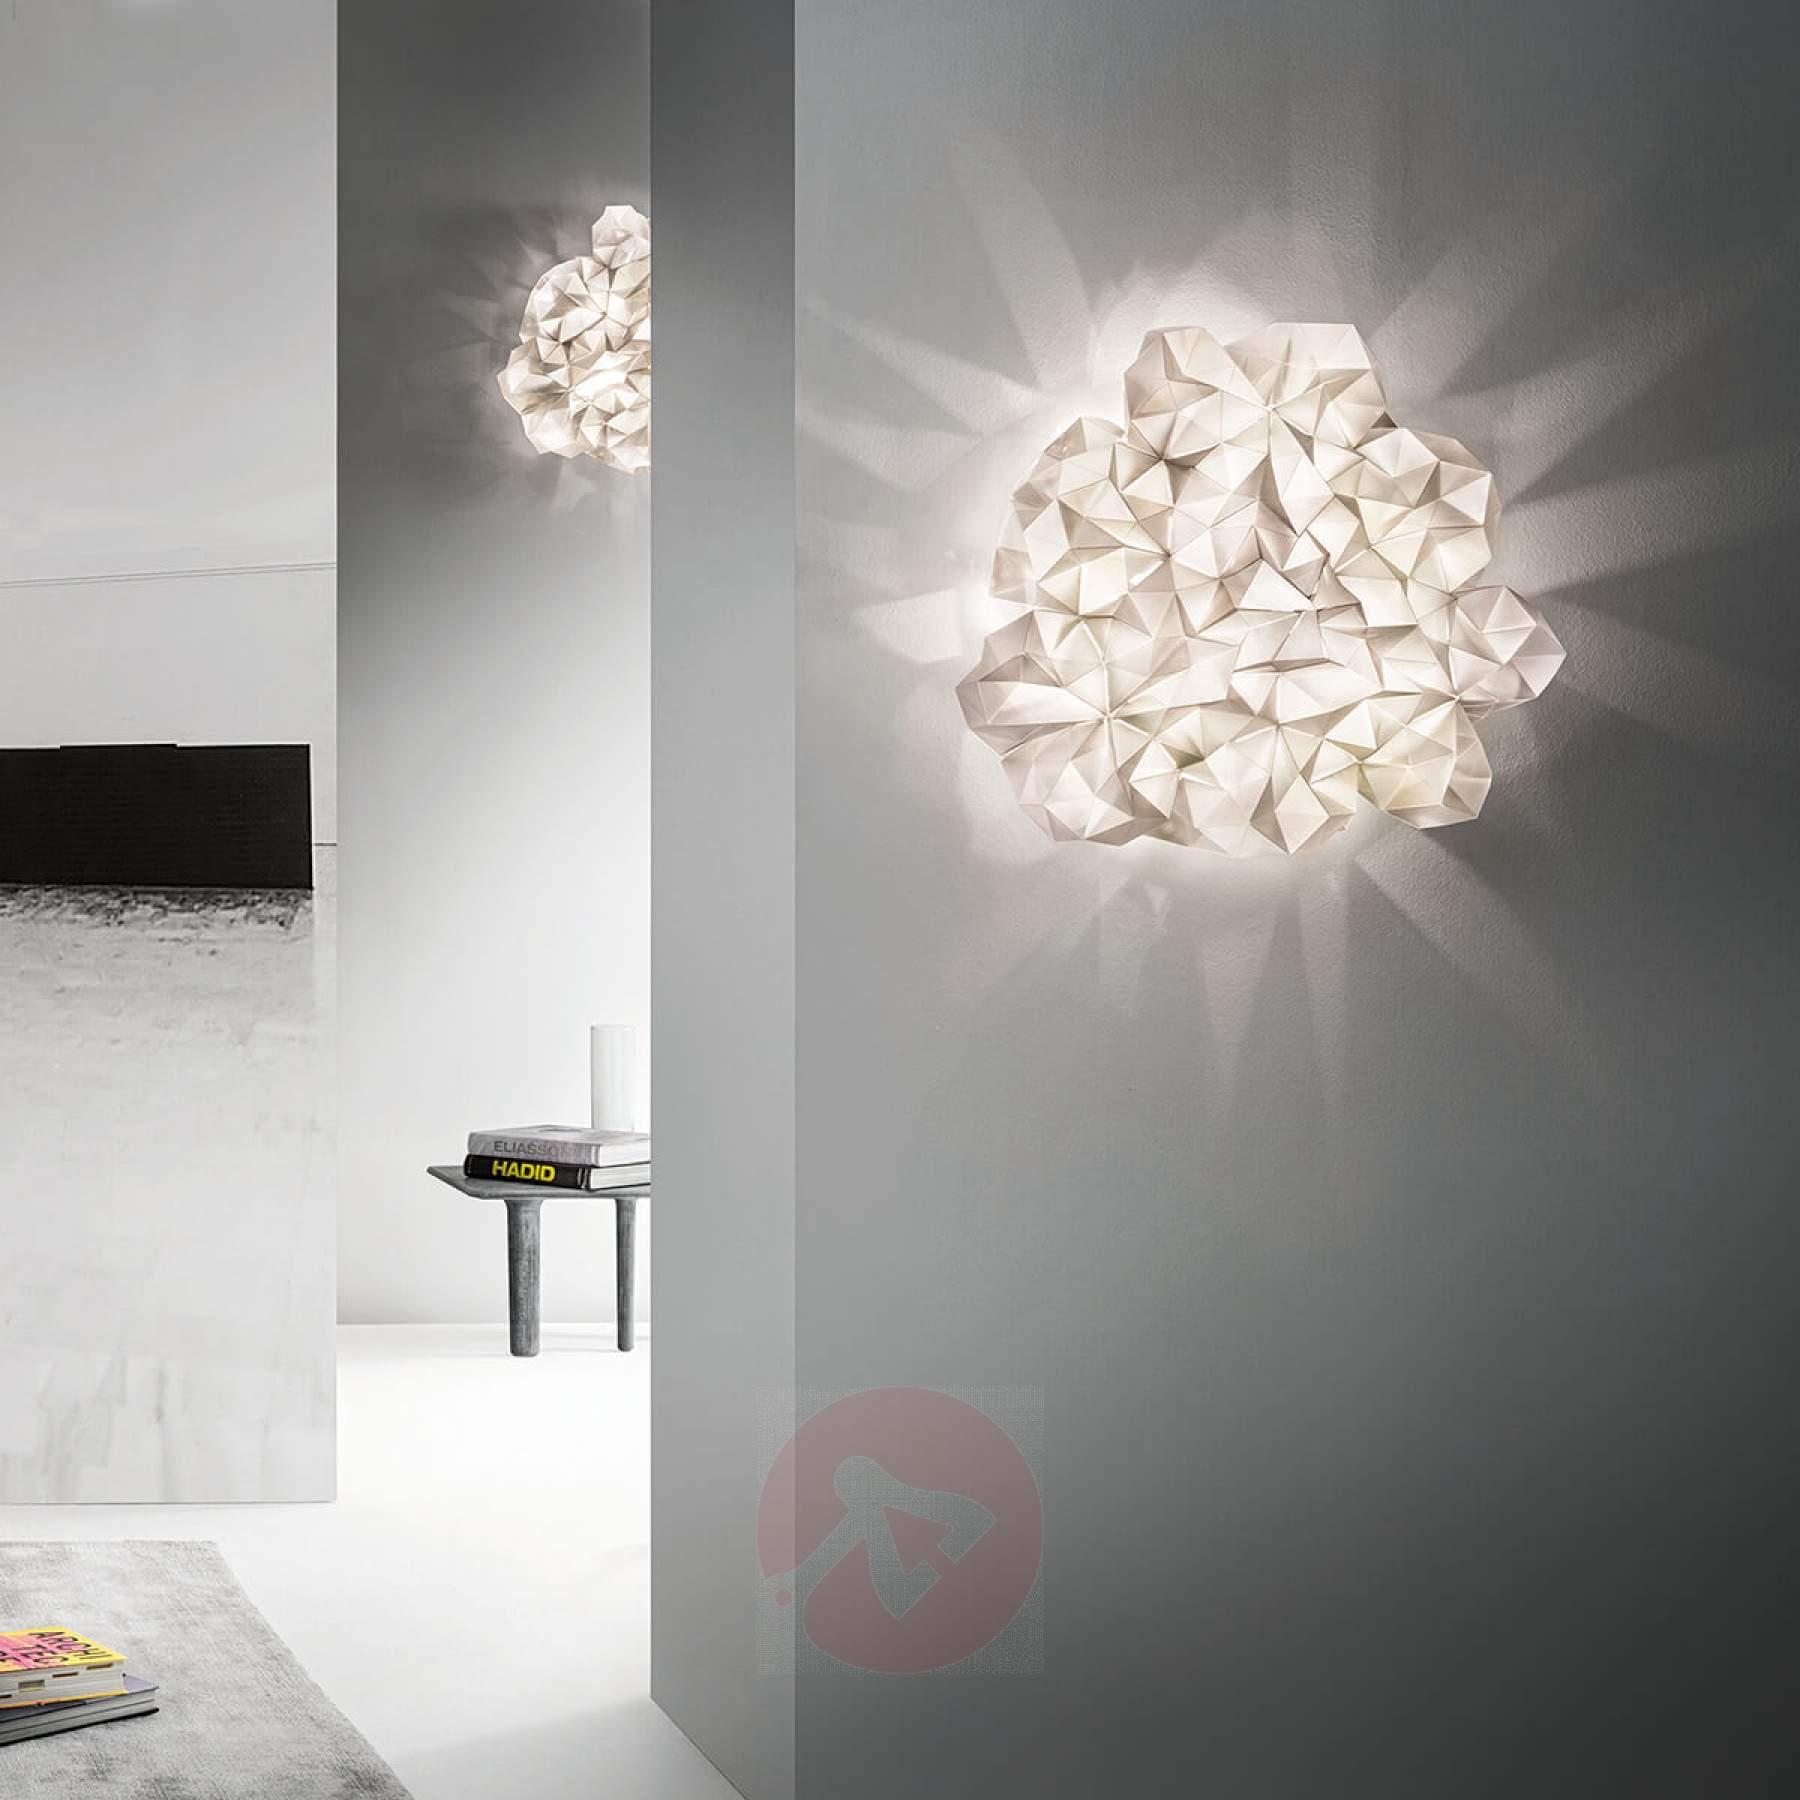 Full Size of Deckenleuchten Design Slamp Drusa Designer Deckenleuchte Kaufen Lampenweltde Bett Modern Badezimmer Esstische Lampen Esstisch Küche Industriedesign Regale Wohnzimmer Deckenleuchten Design